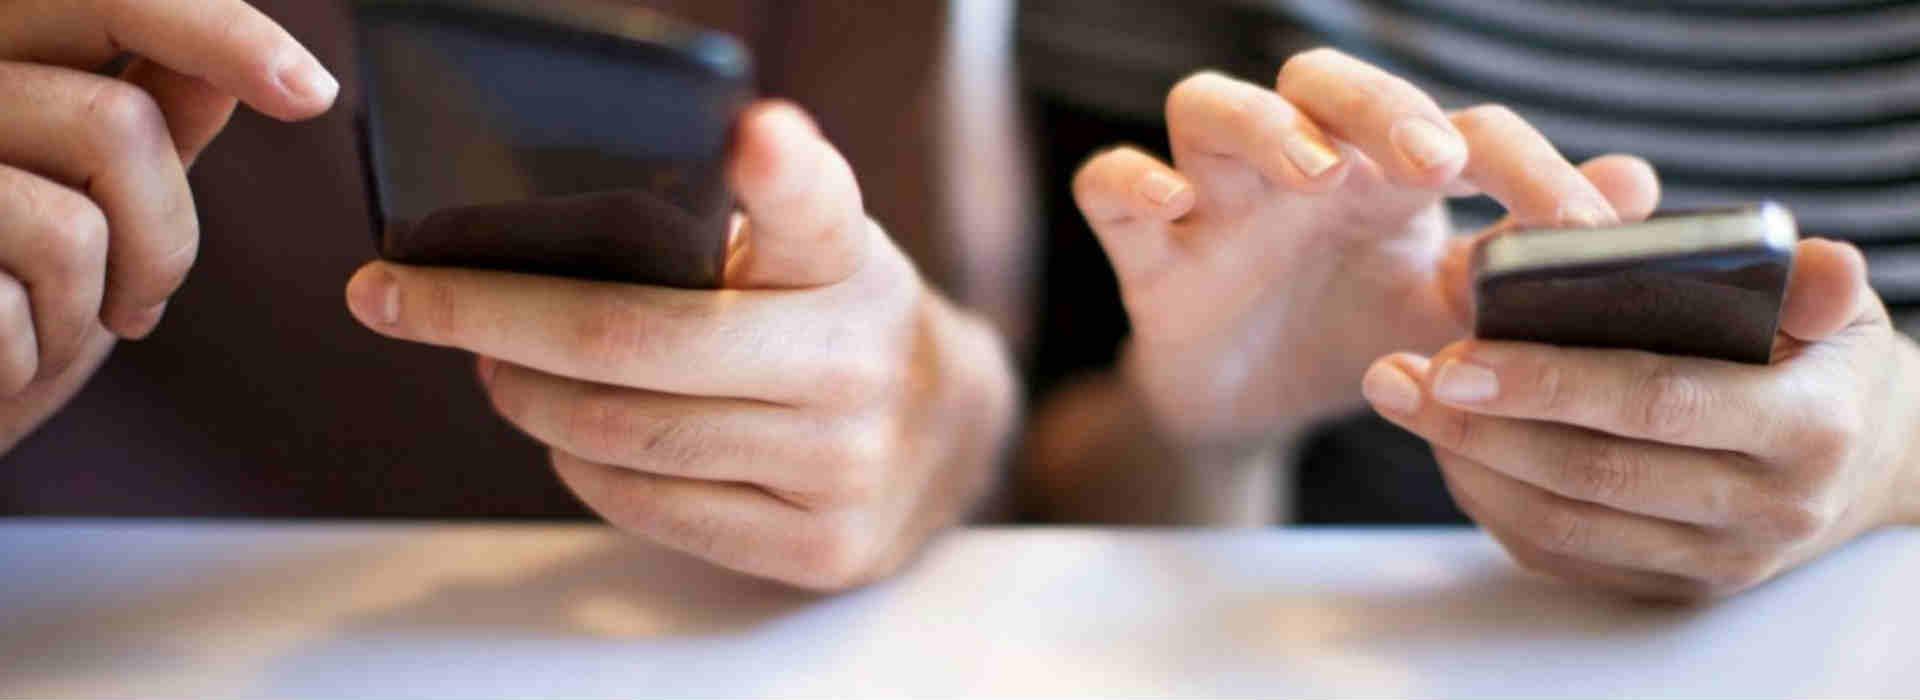 Tumori e smartphone: esiste il legame